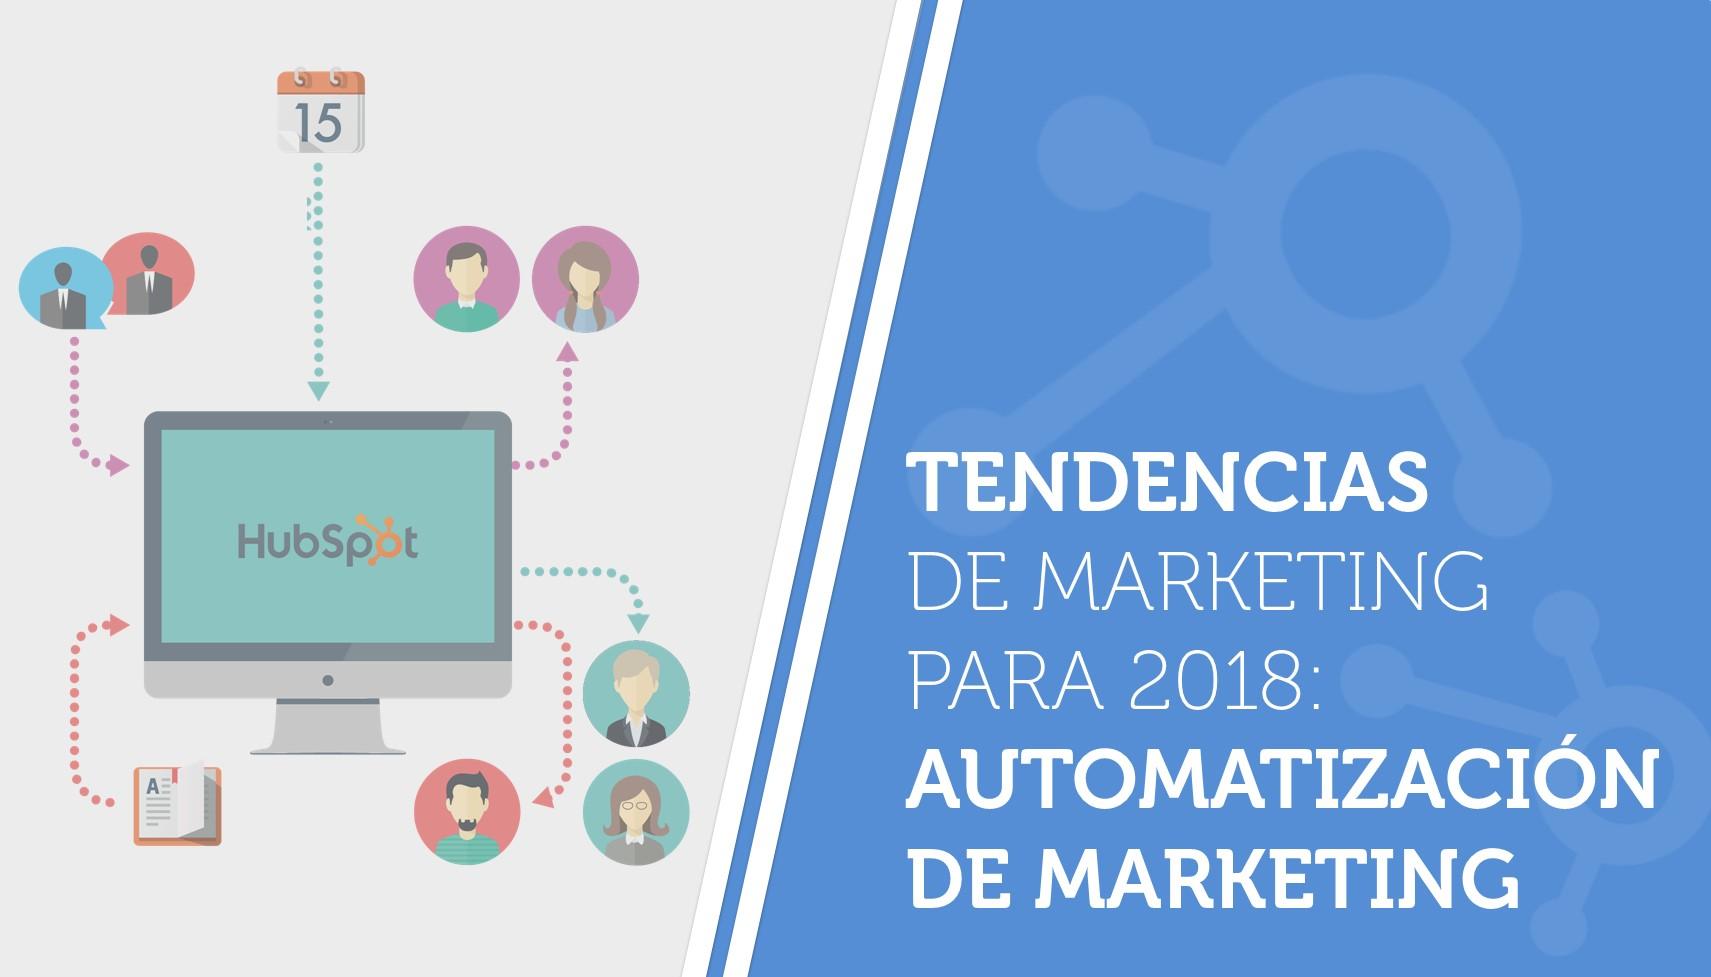 Tendencias de marketing para 2018: automatización de marketing